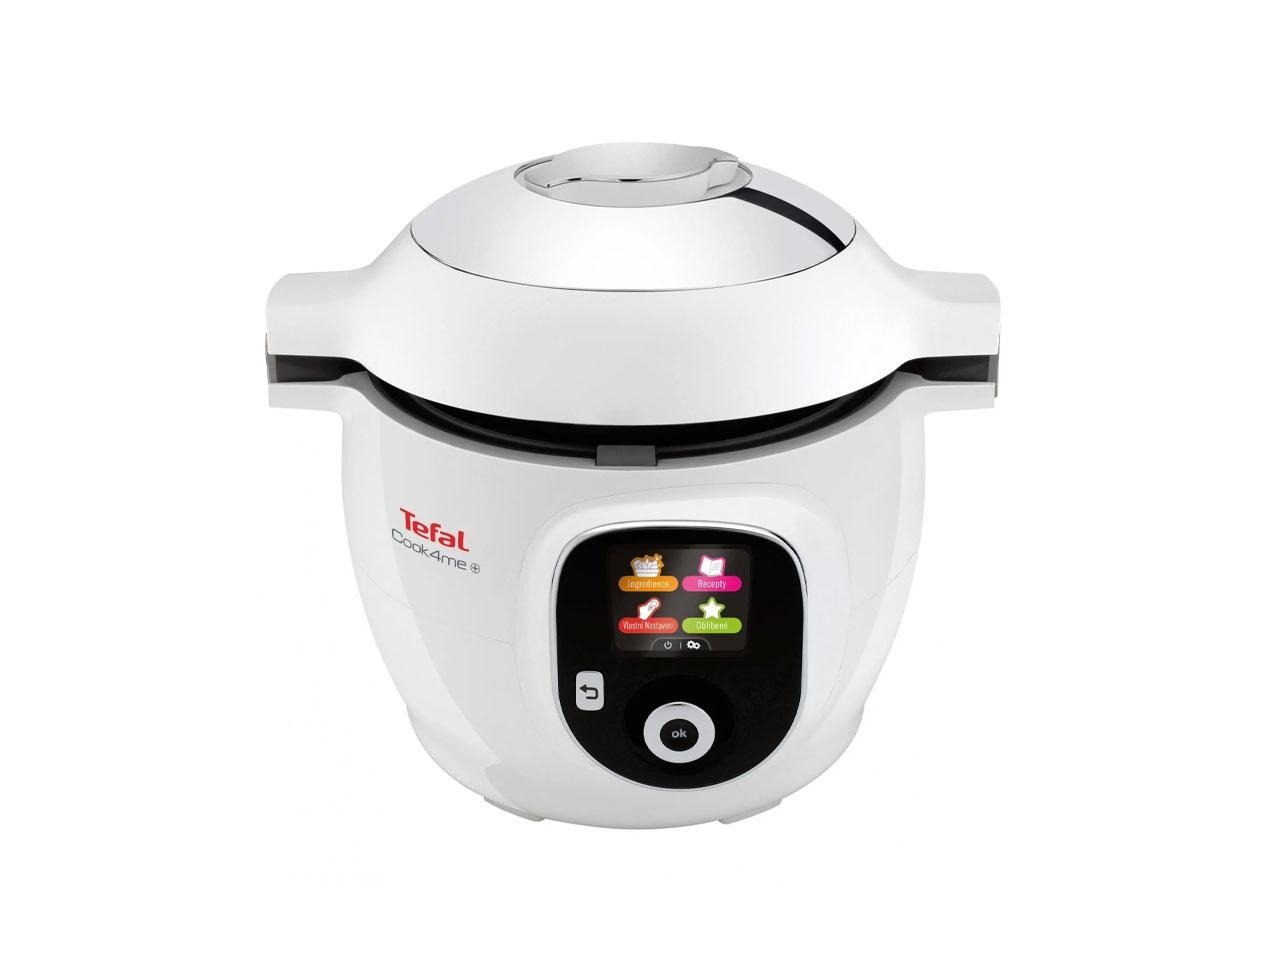 TEFAL CY851130 Cook4me+